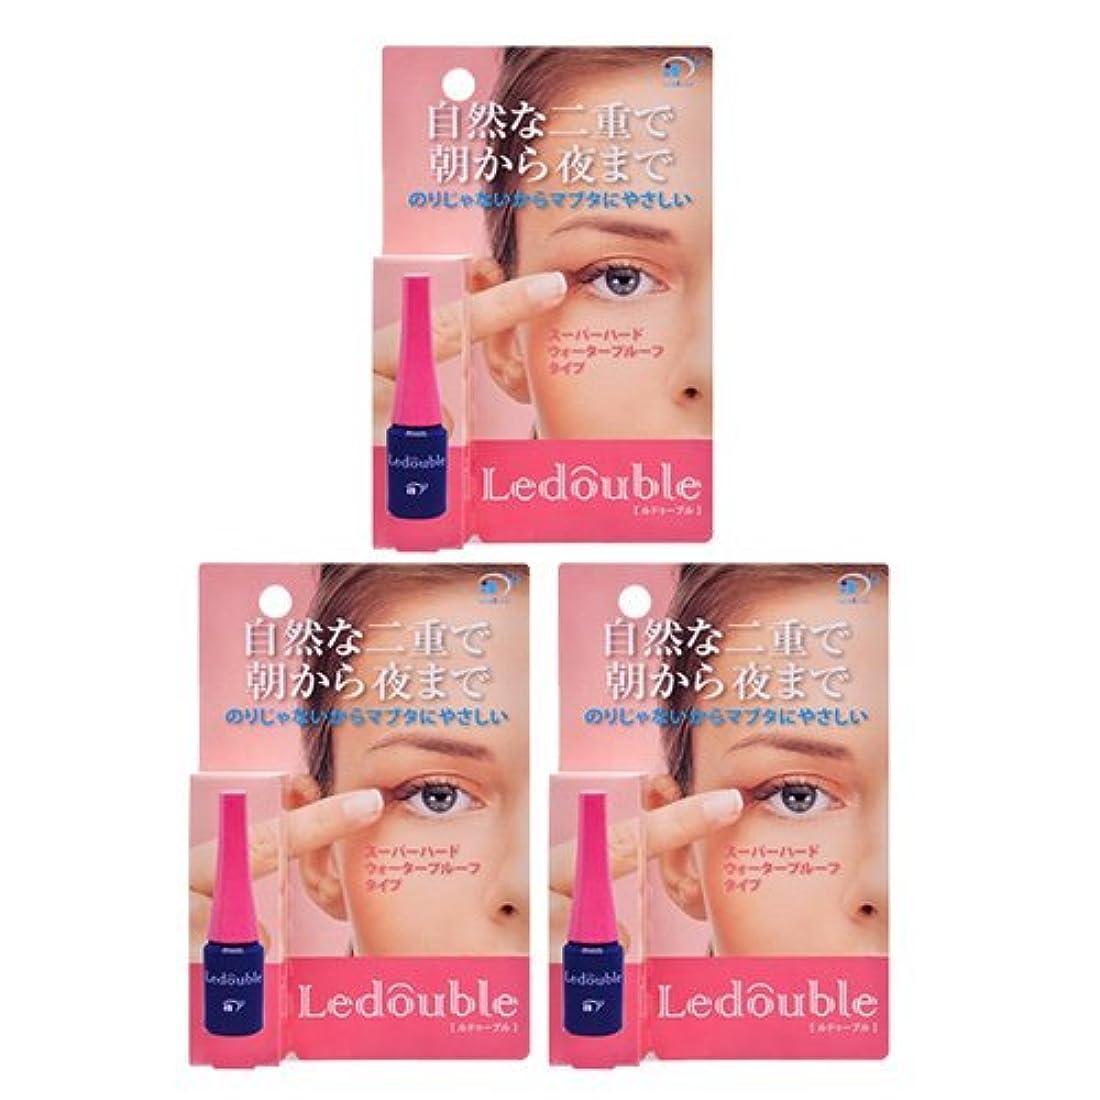 印をつけるプレビスサイトインストラクターLedouble [ルドゥーブル] 二重まぶた化粧品 (2mL)×3個セット